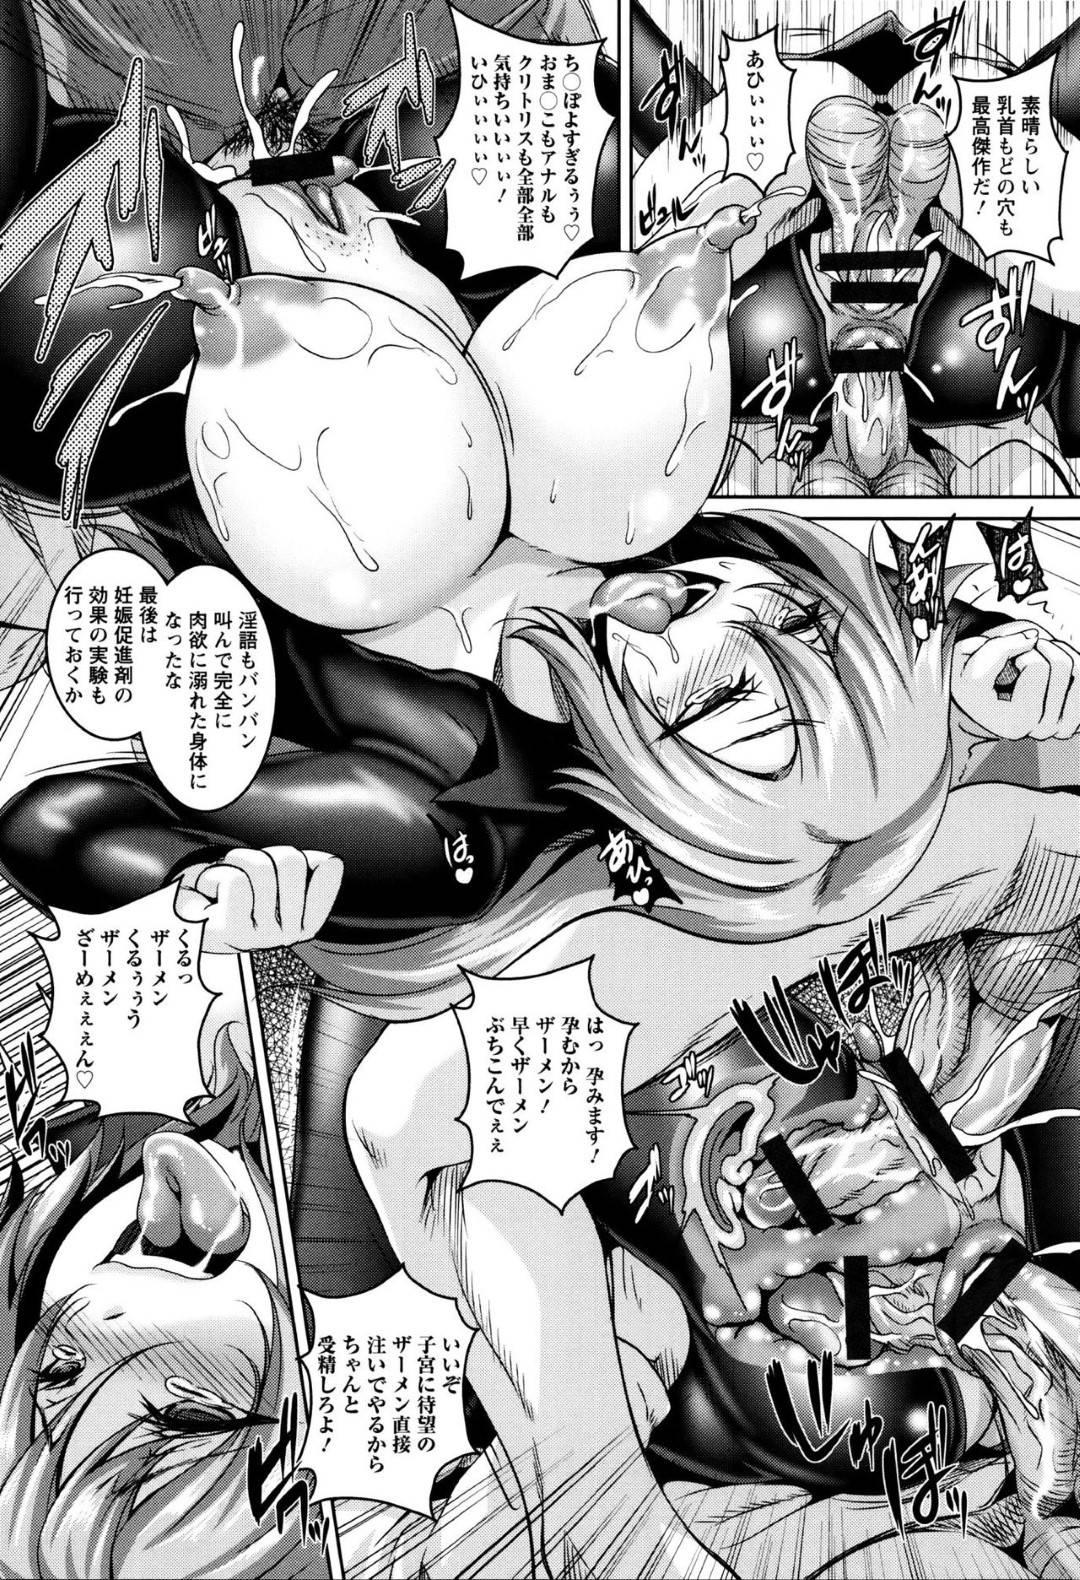 【エロ漫画】敵組織に捕まってしまった巨乳女スパイ…彼女は薬漬けにさせられた状態で男たちに犯される事となってしまう!【一弘:エリートスパイの薬漬け完堕ちミッション】